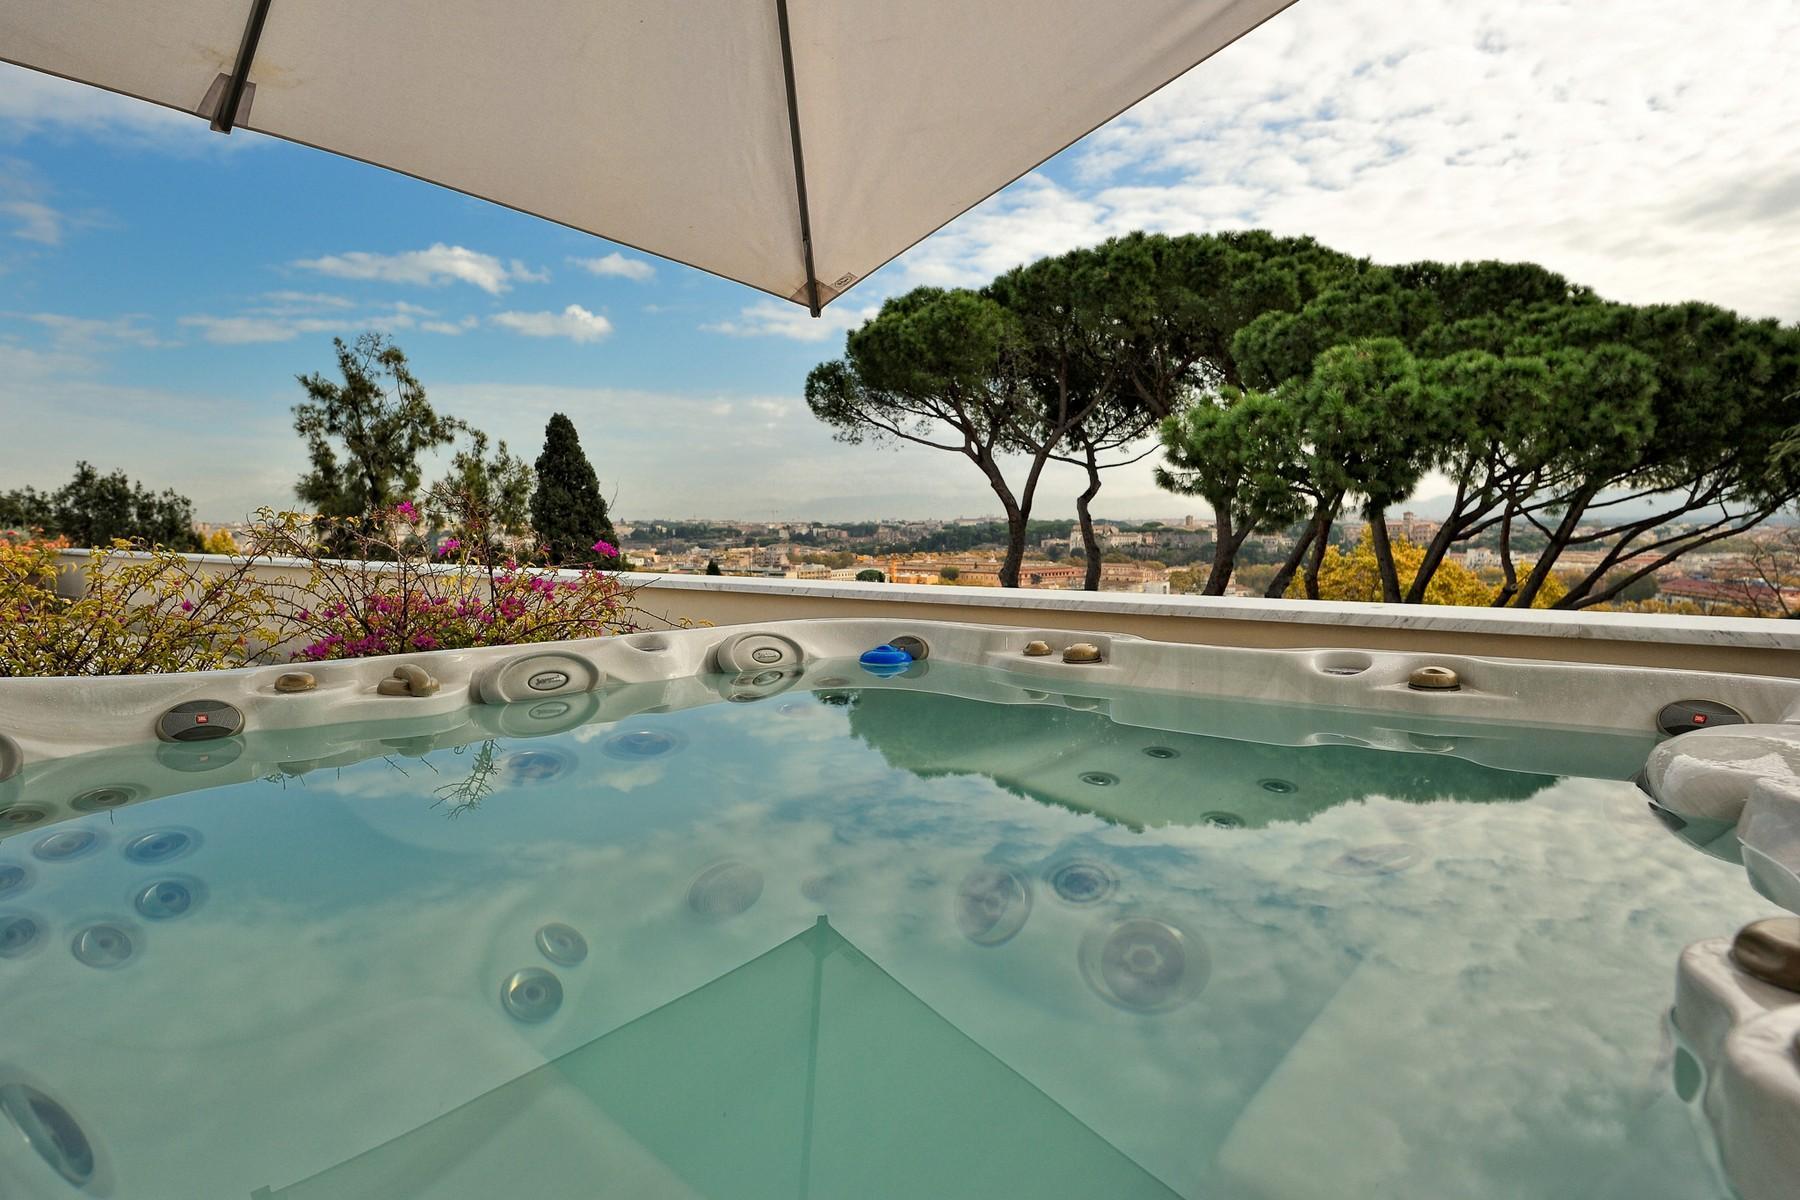 绿色罗马市中心内富有格调和风格的别墅 - 5